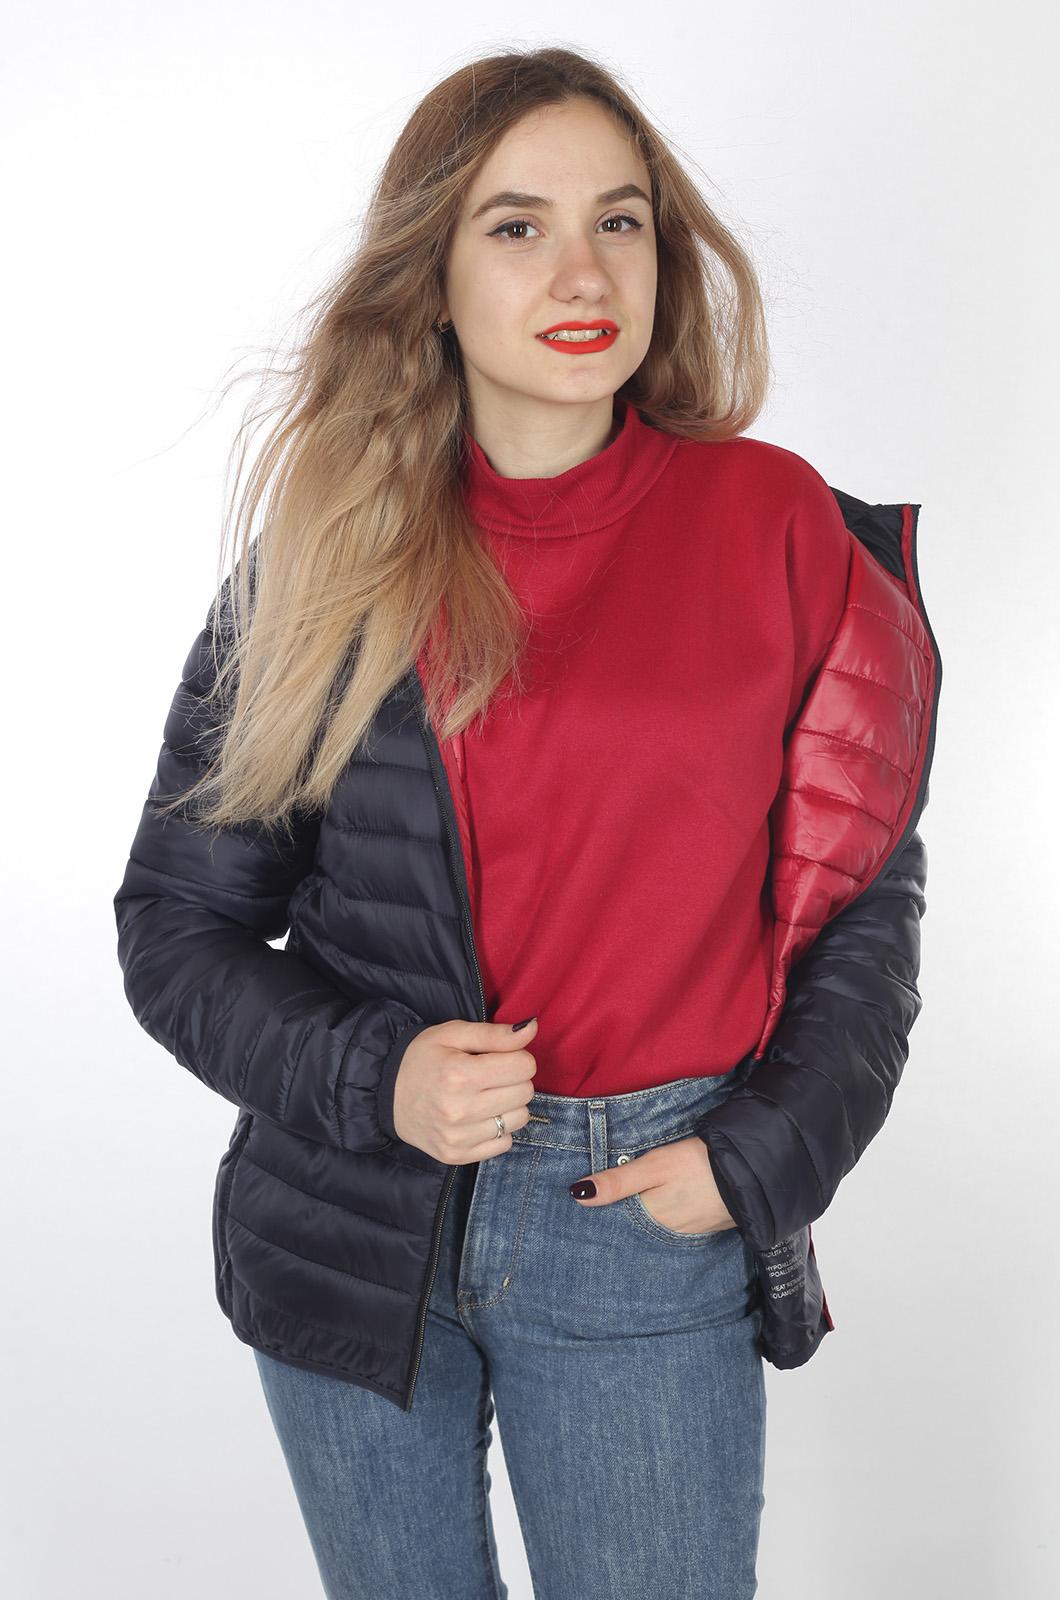 Темная демисезонная куртка от бренда J. HART & BROS - заказать оптом